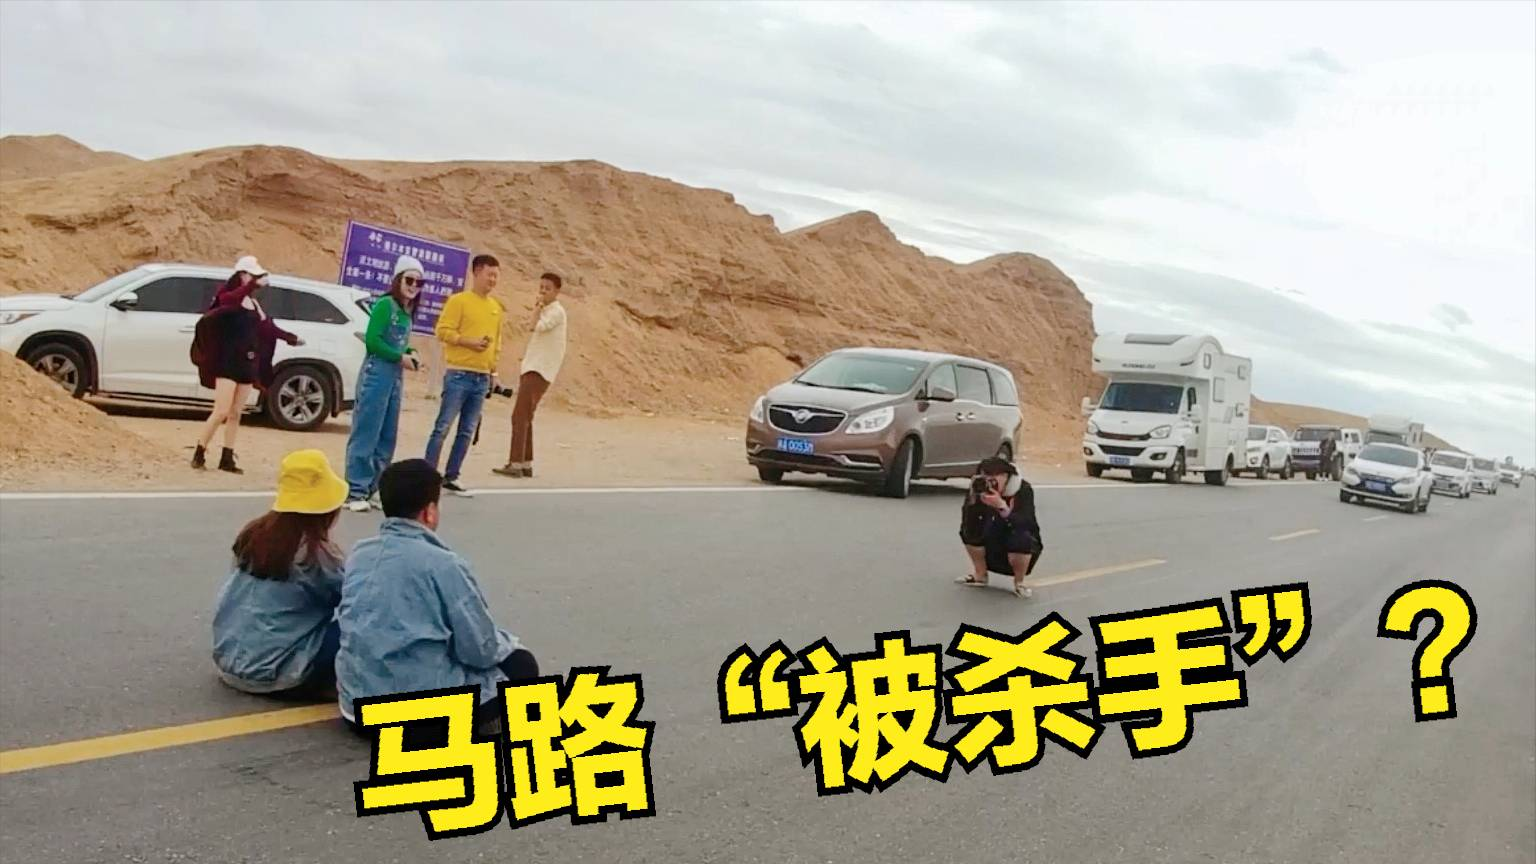 青海U型网红公路有多危险?每天大批游客前来,为了拍照站马路中间